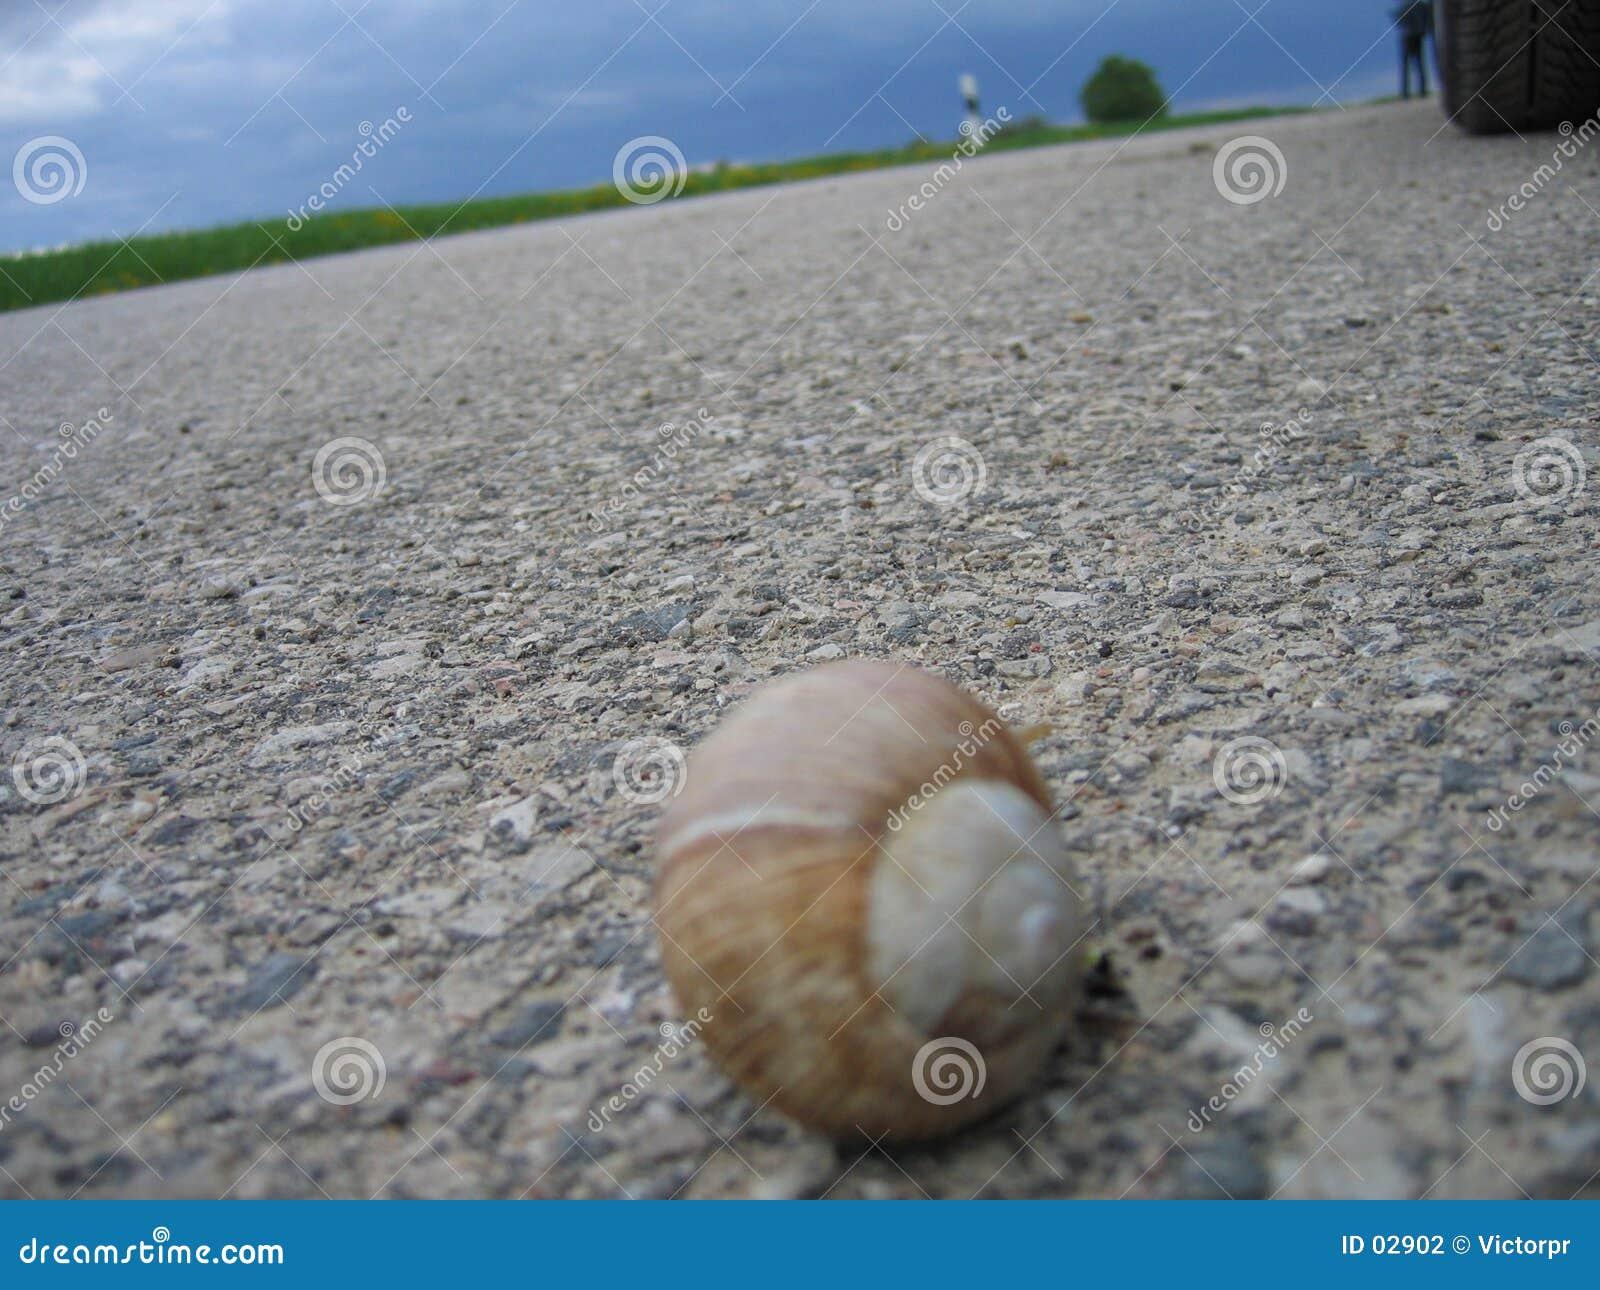 Download Lumaca sulla strada fotografia stock. Immagine di gasteropodo - 2902